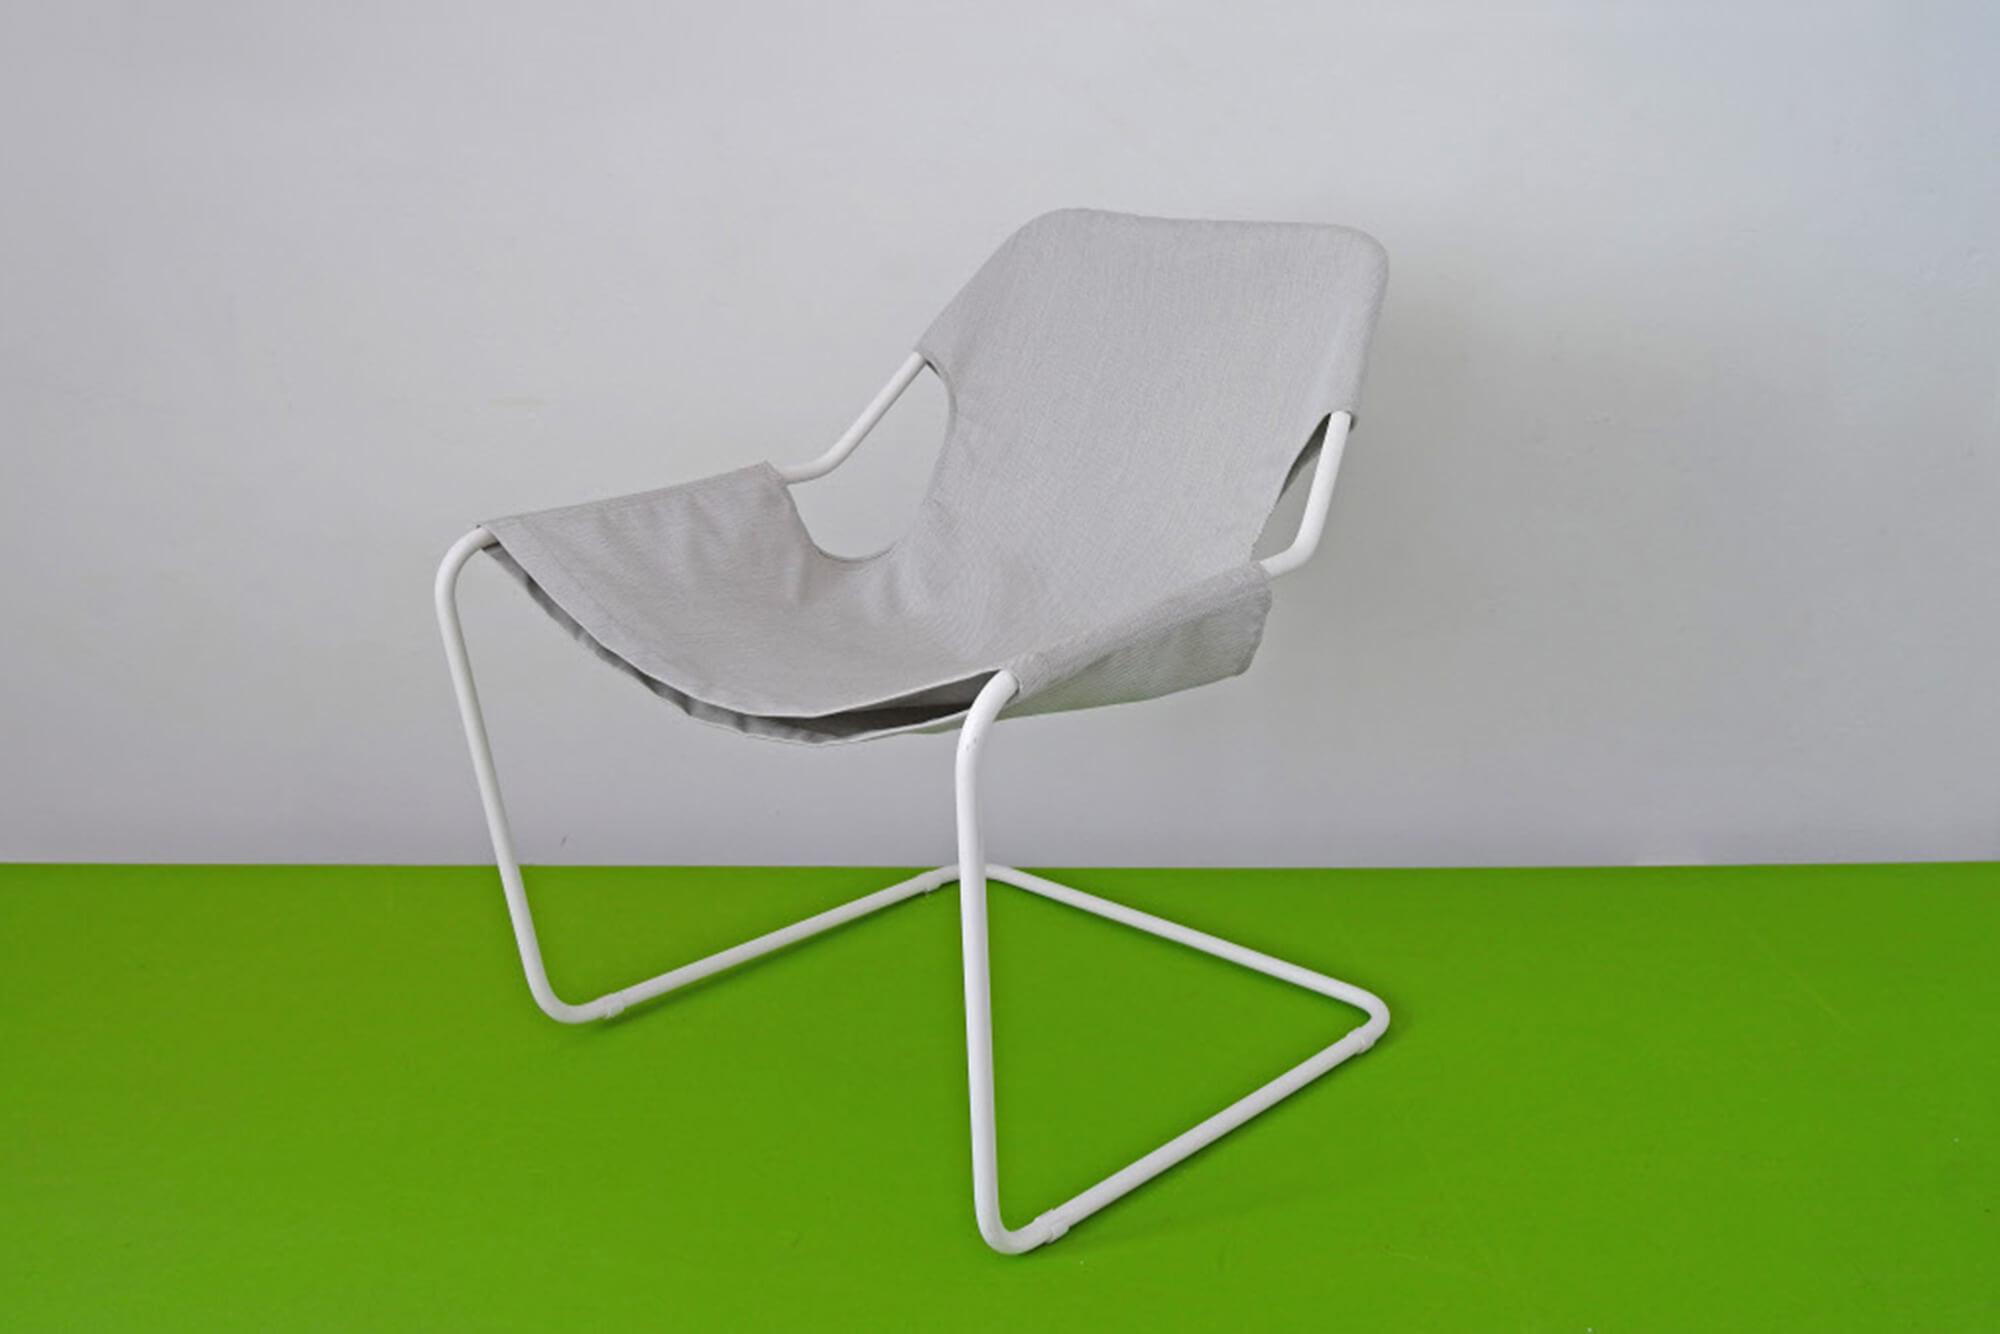 เก้าอี้ที่ทำจากผ้า Sunbrella สีเทา และโครงโลหะสีขาว